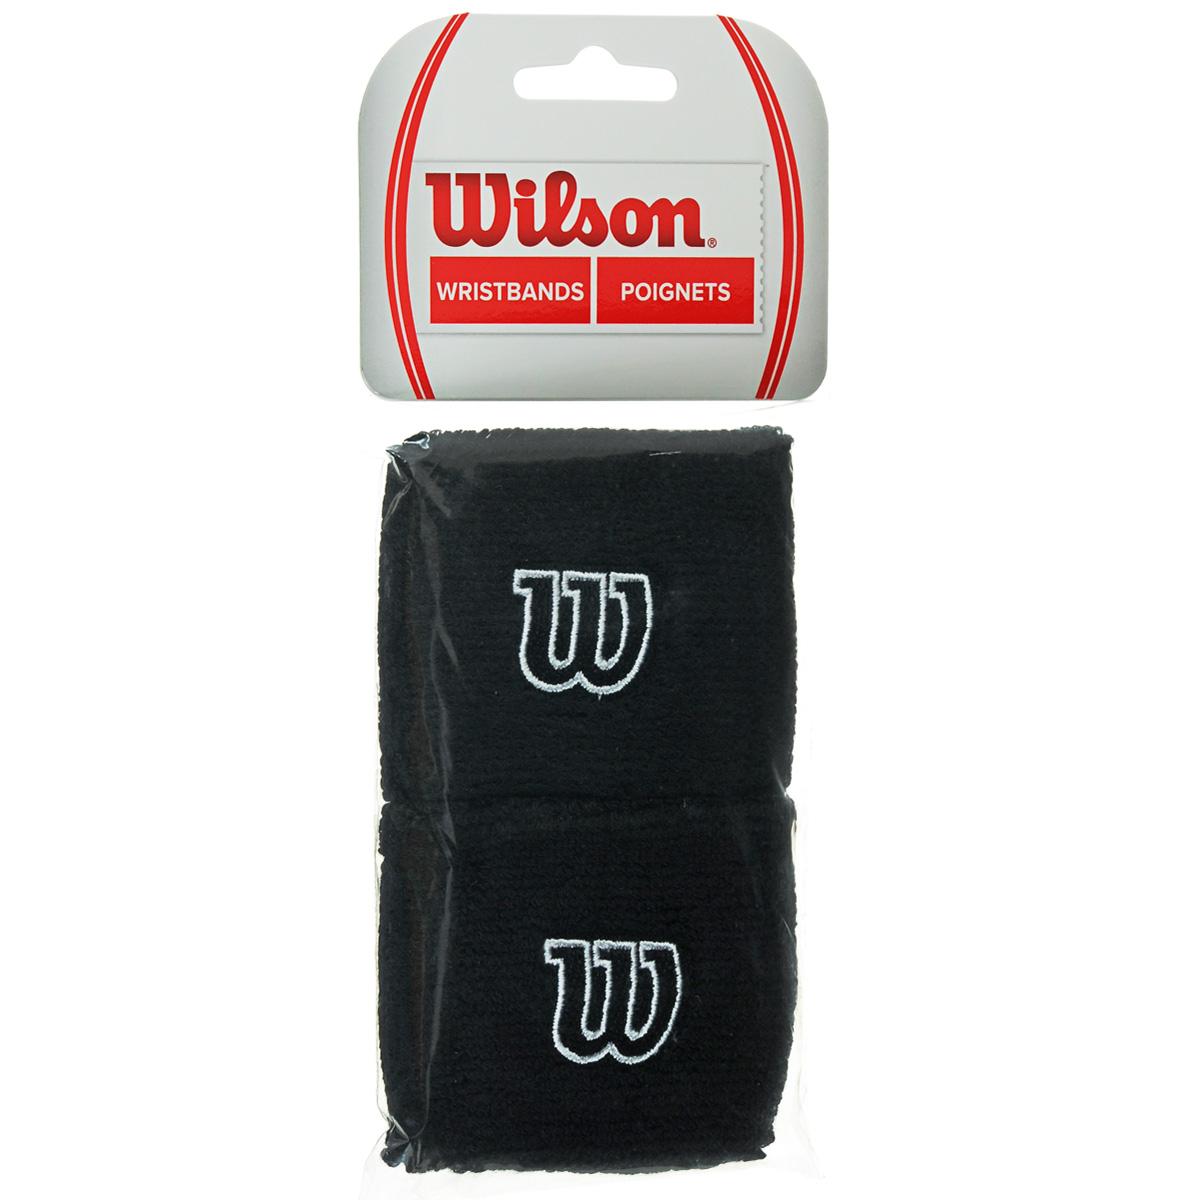 Напульсник Wilson Wristband, цвет: черный, 2 шт. Размер универсальный цена